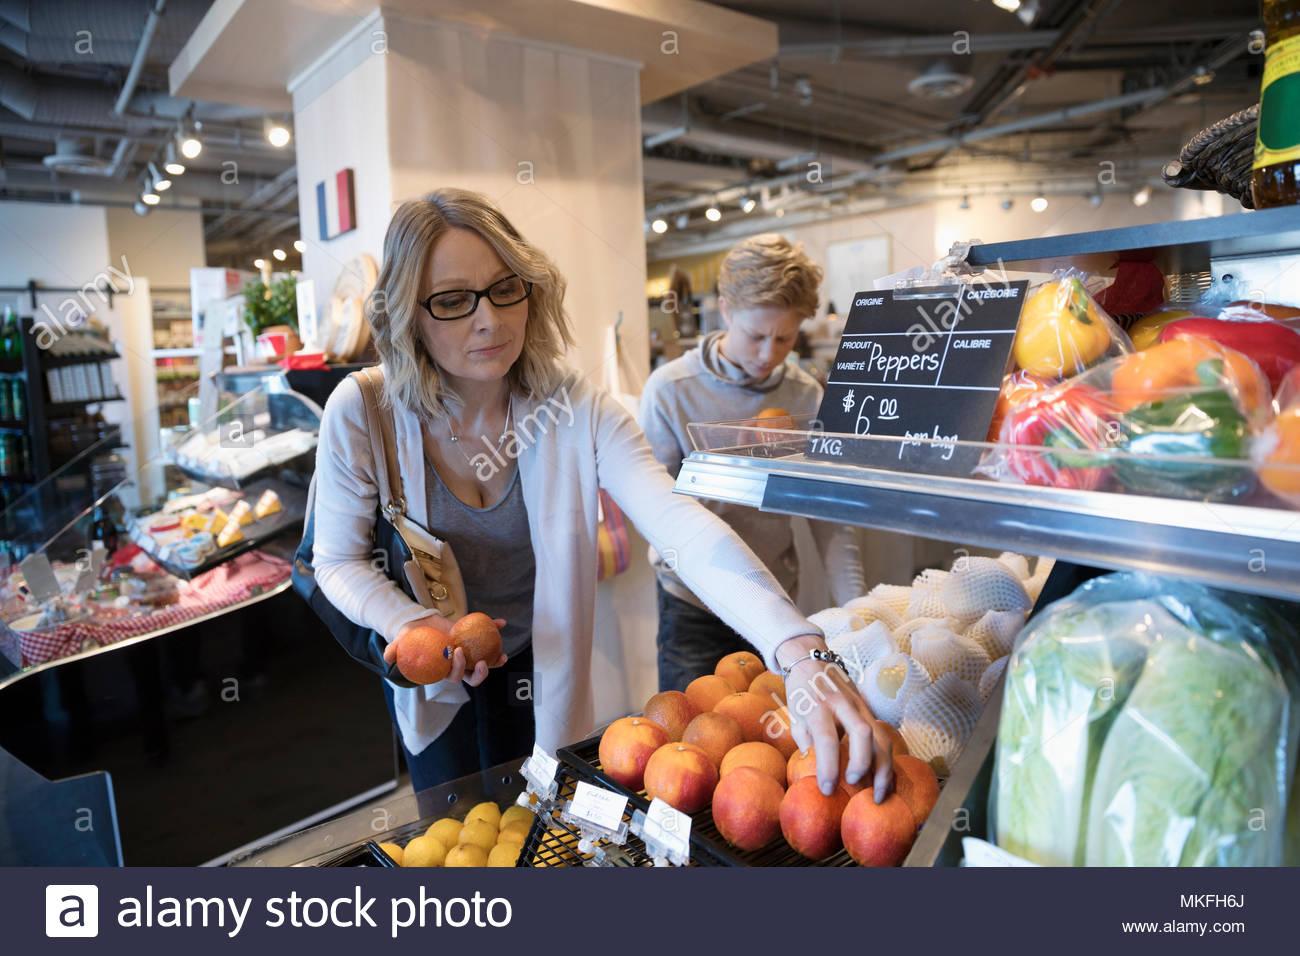 Mujer, compras de supermercado, sacando las naranjas en el mercado Imagen De Stock